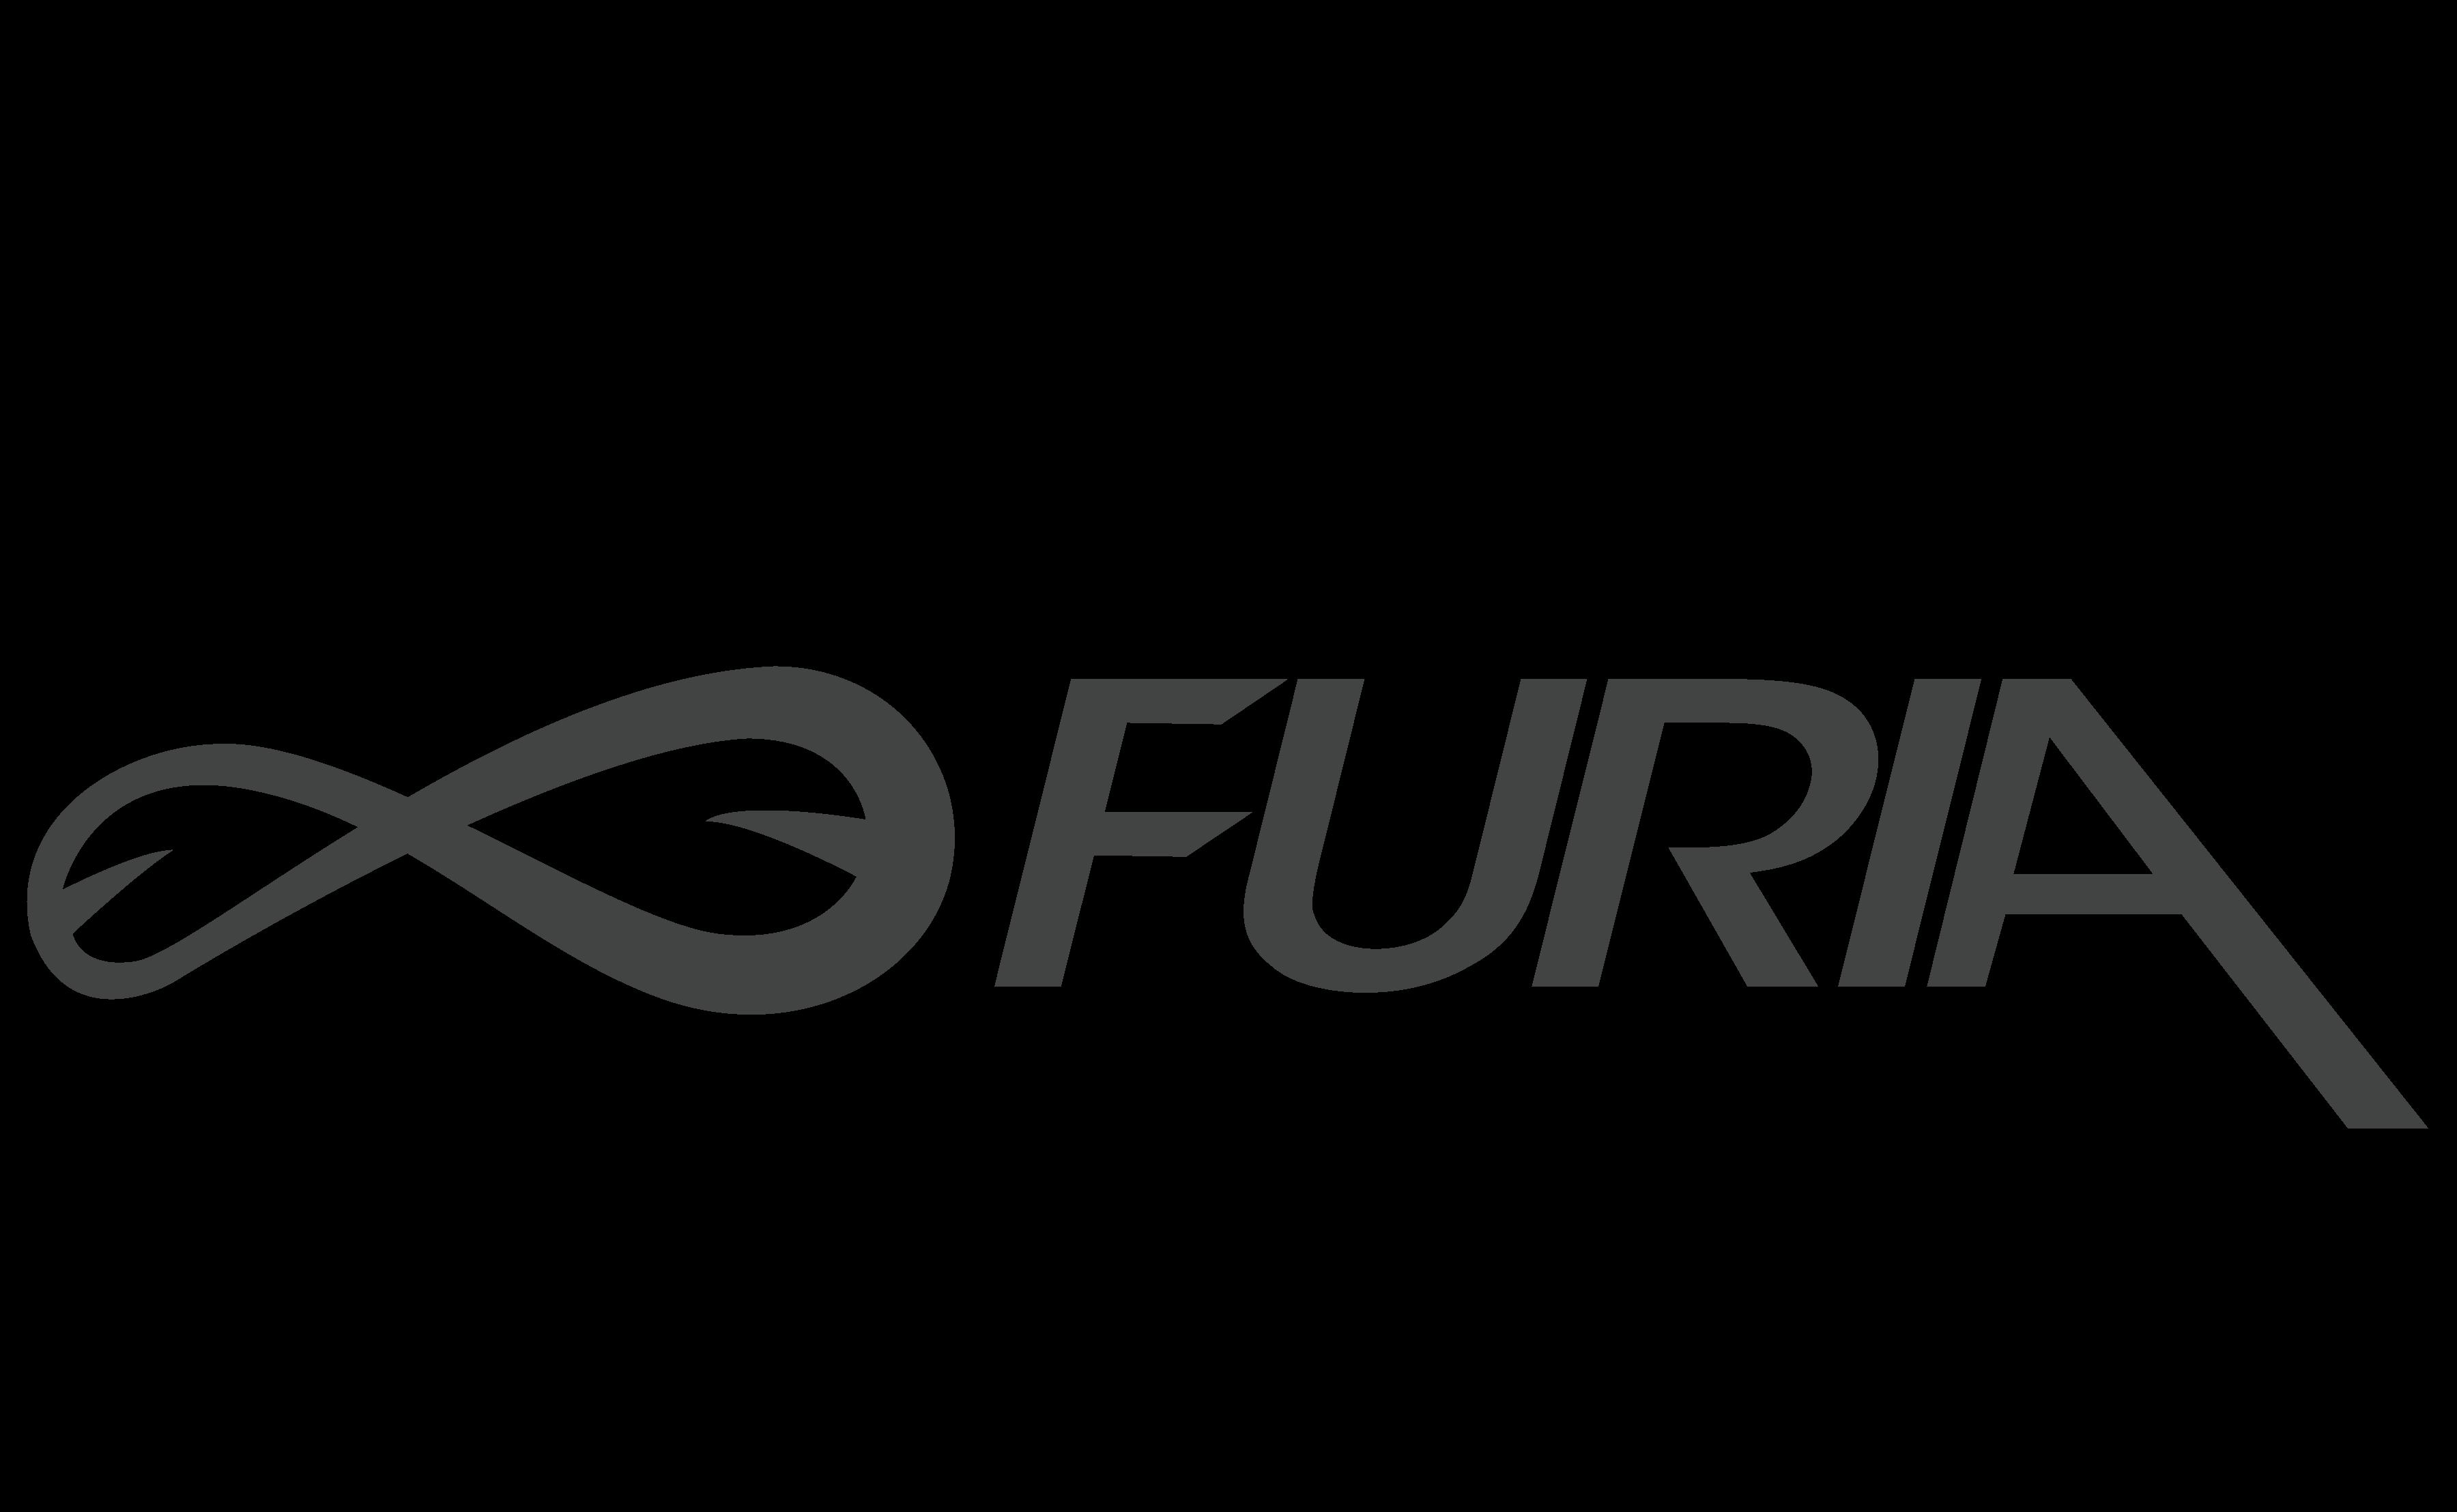 Furia Brand Logo